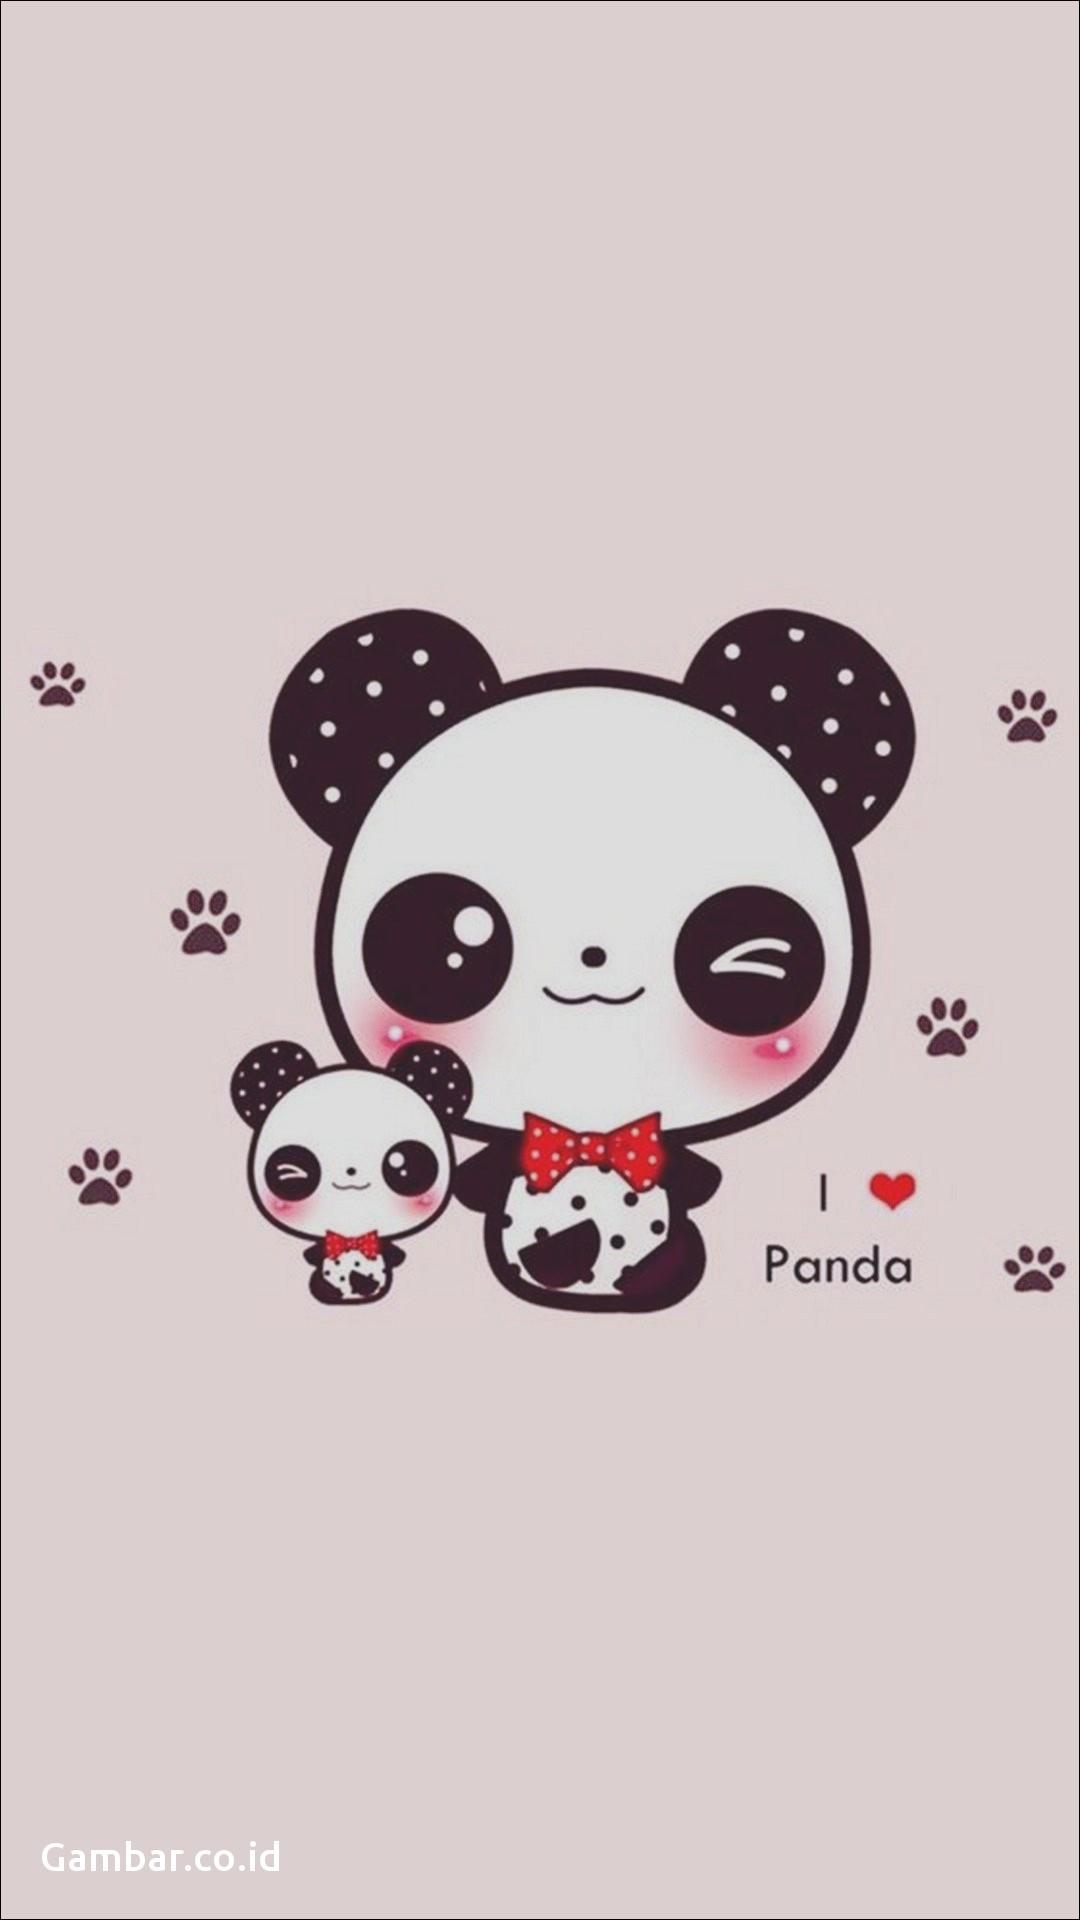 44 449063 1080x1920 amazing cute panda cartoon wallpaper iphone